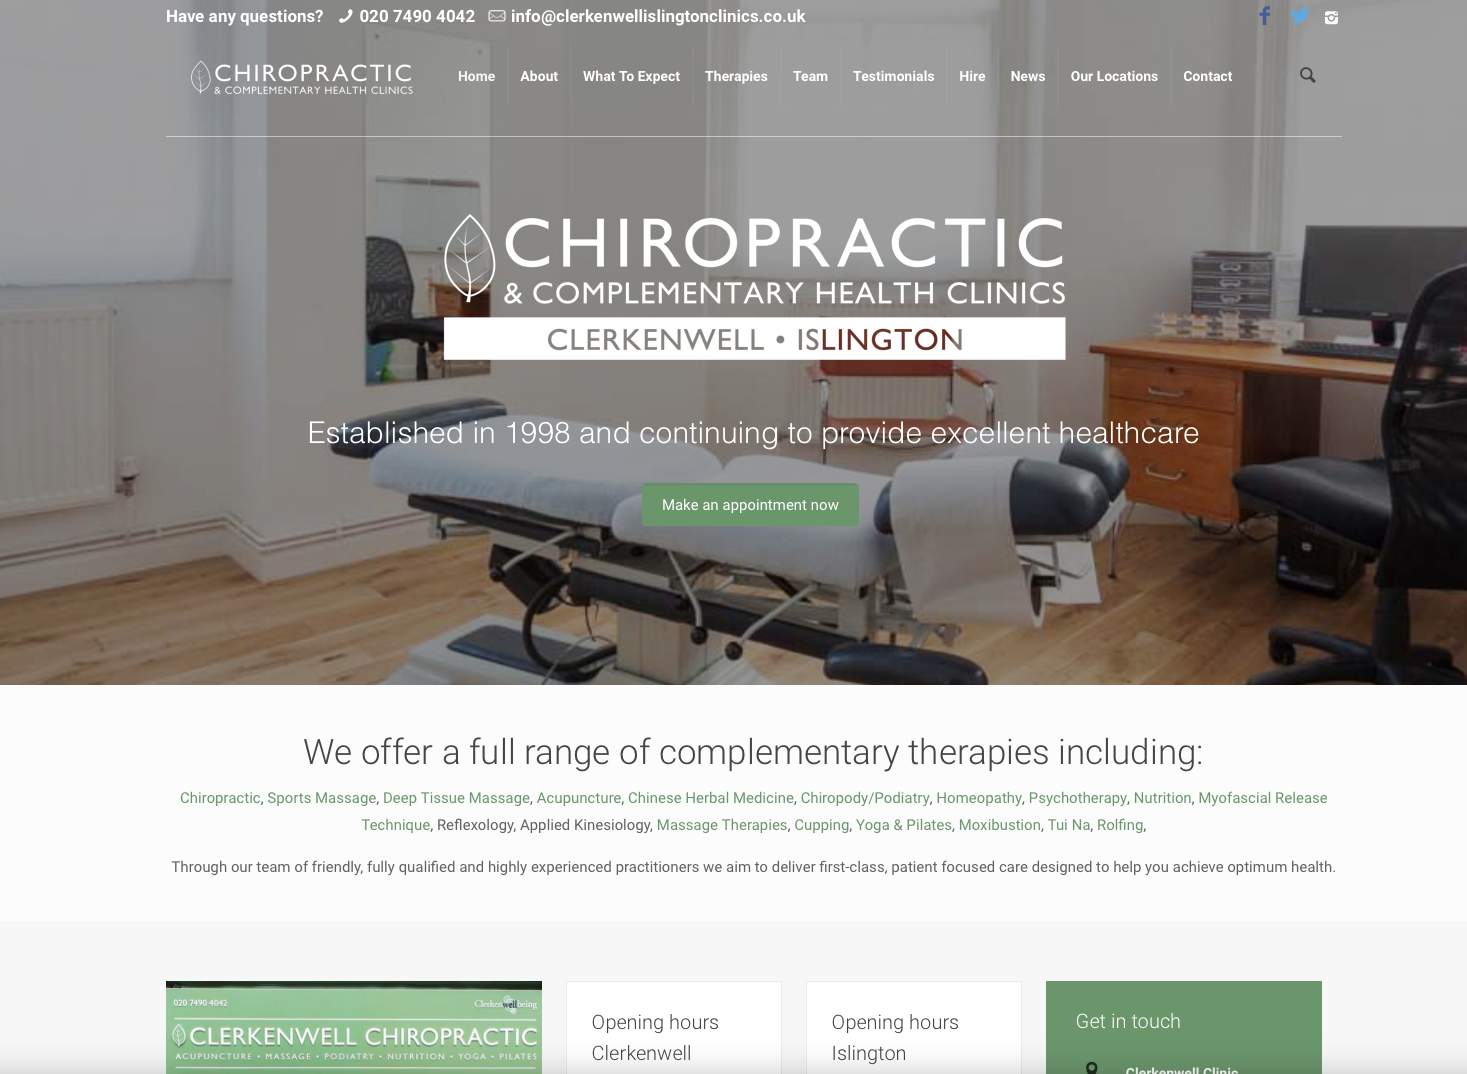 SEO for Chiropractors